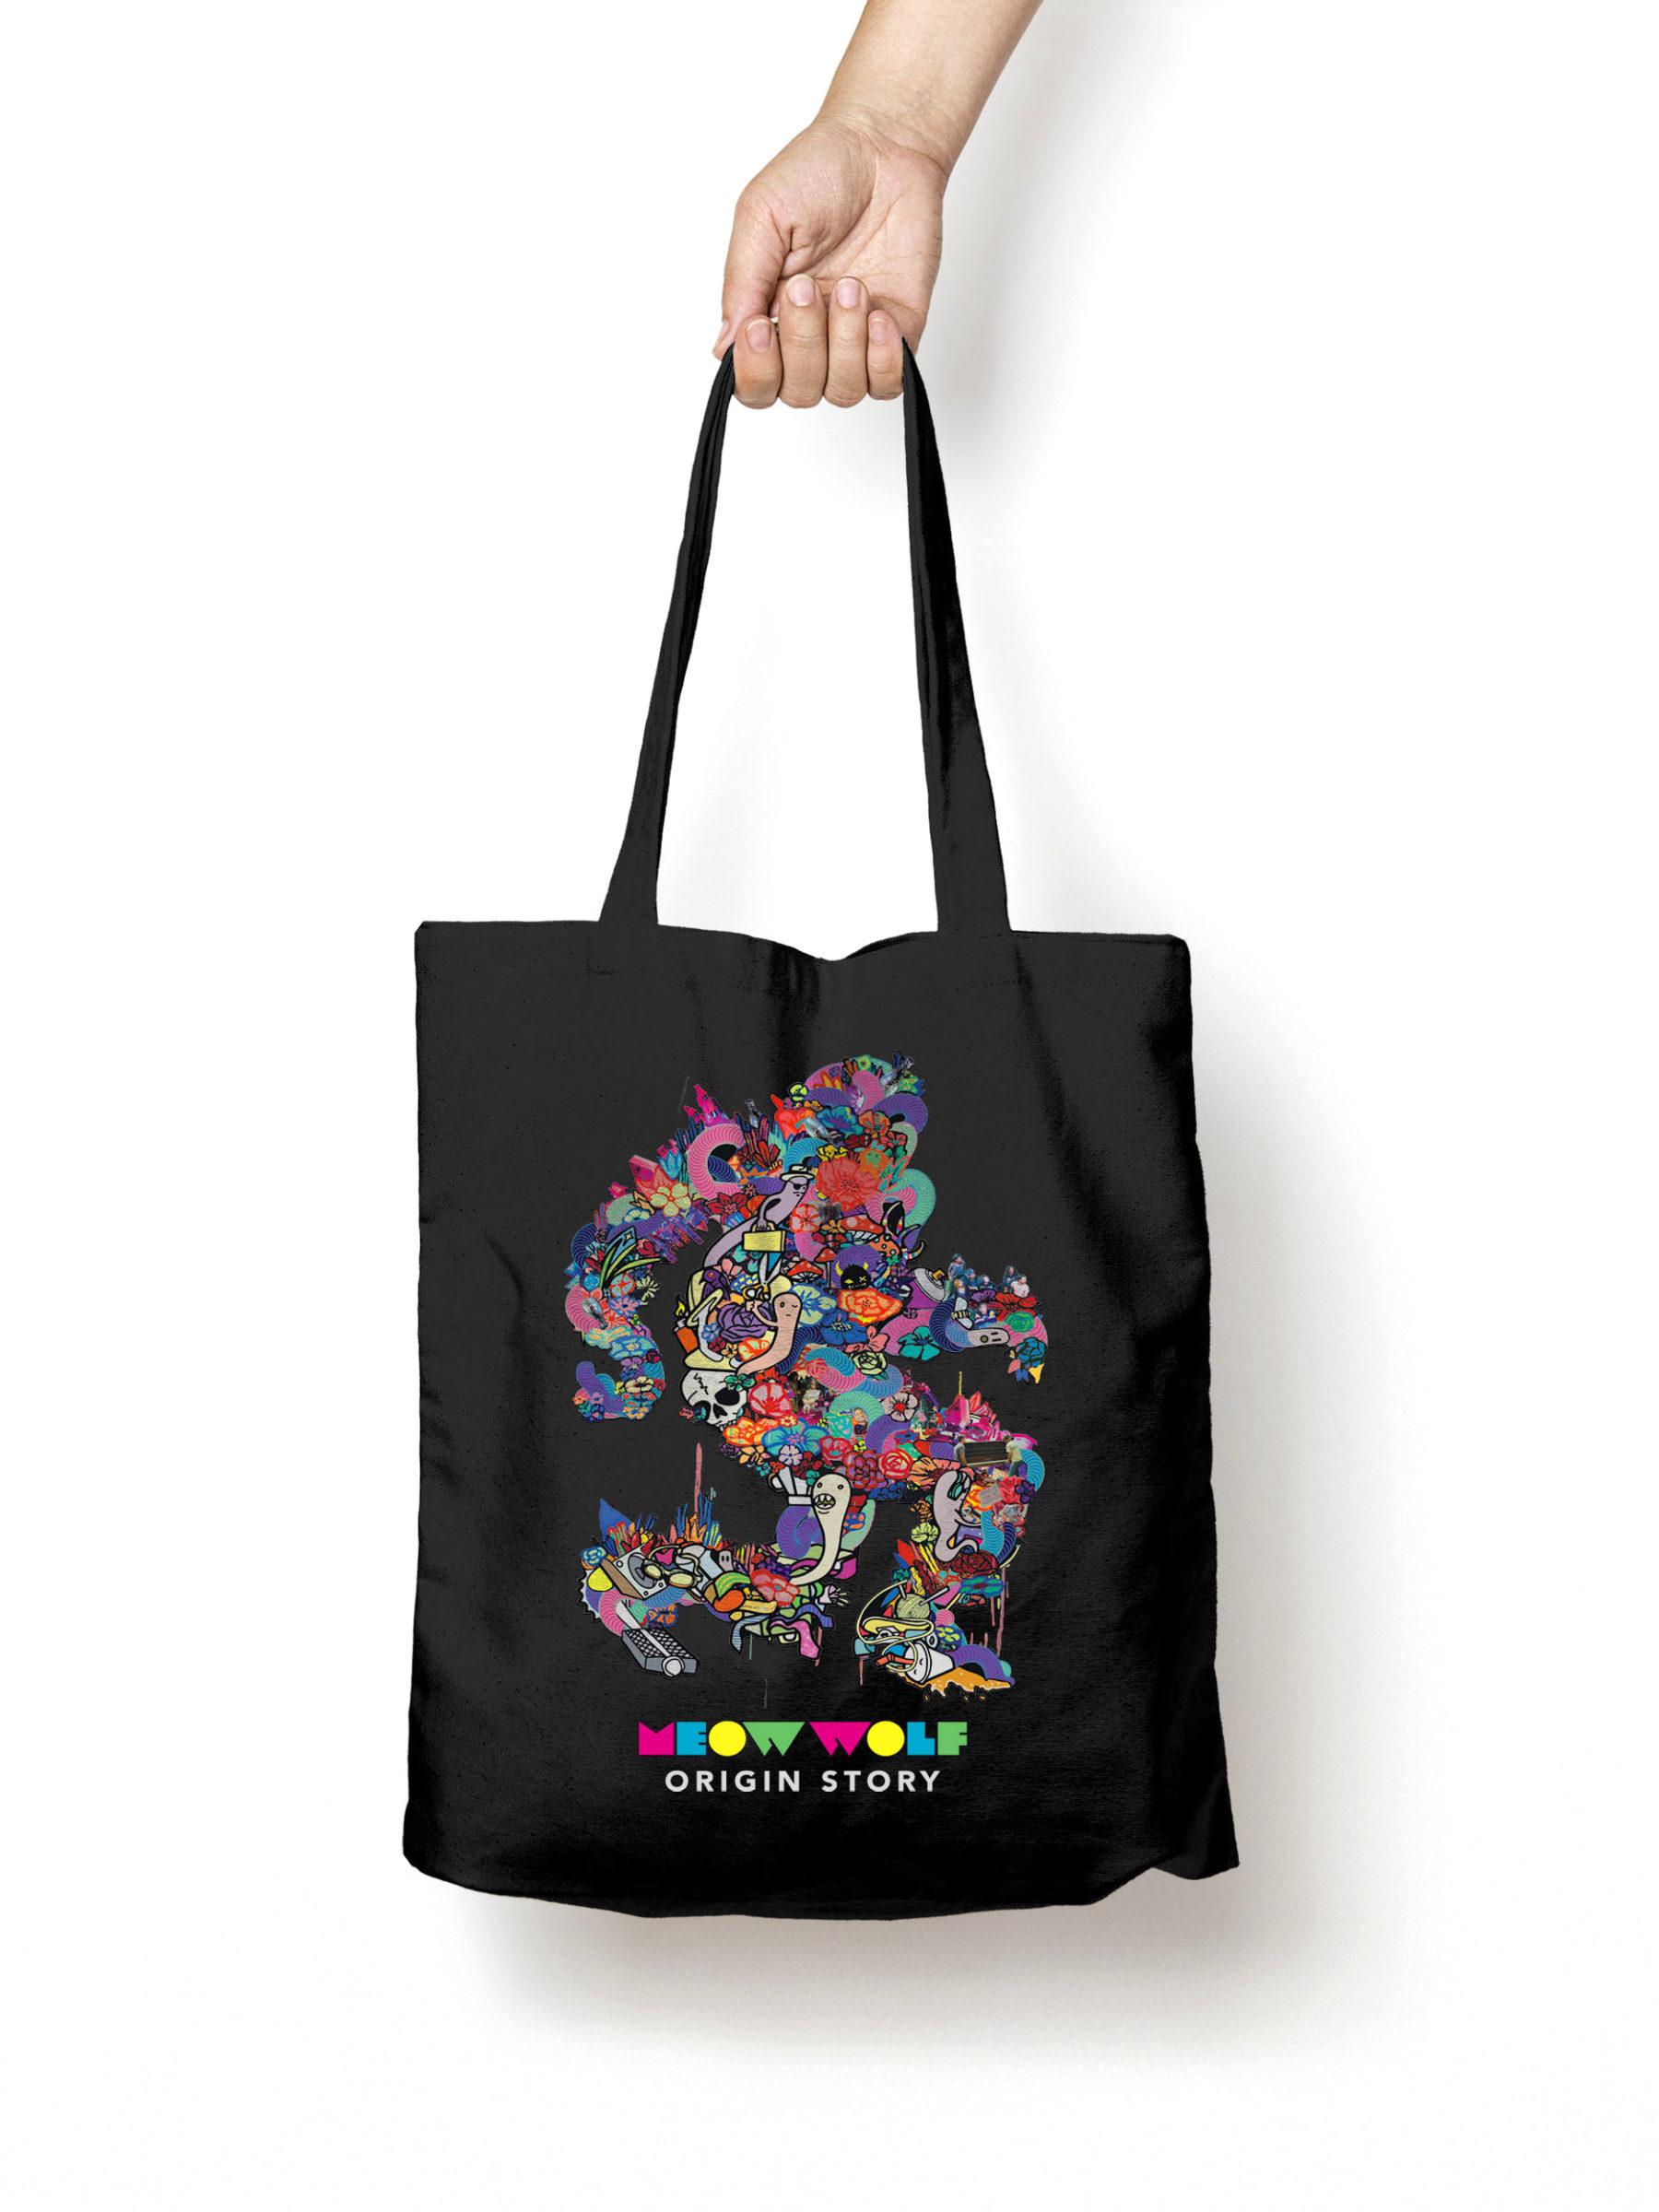 Origin Story Tote Bag MockUp